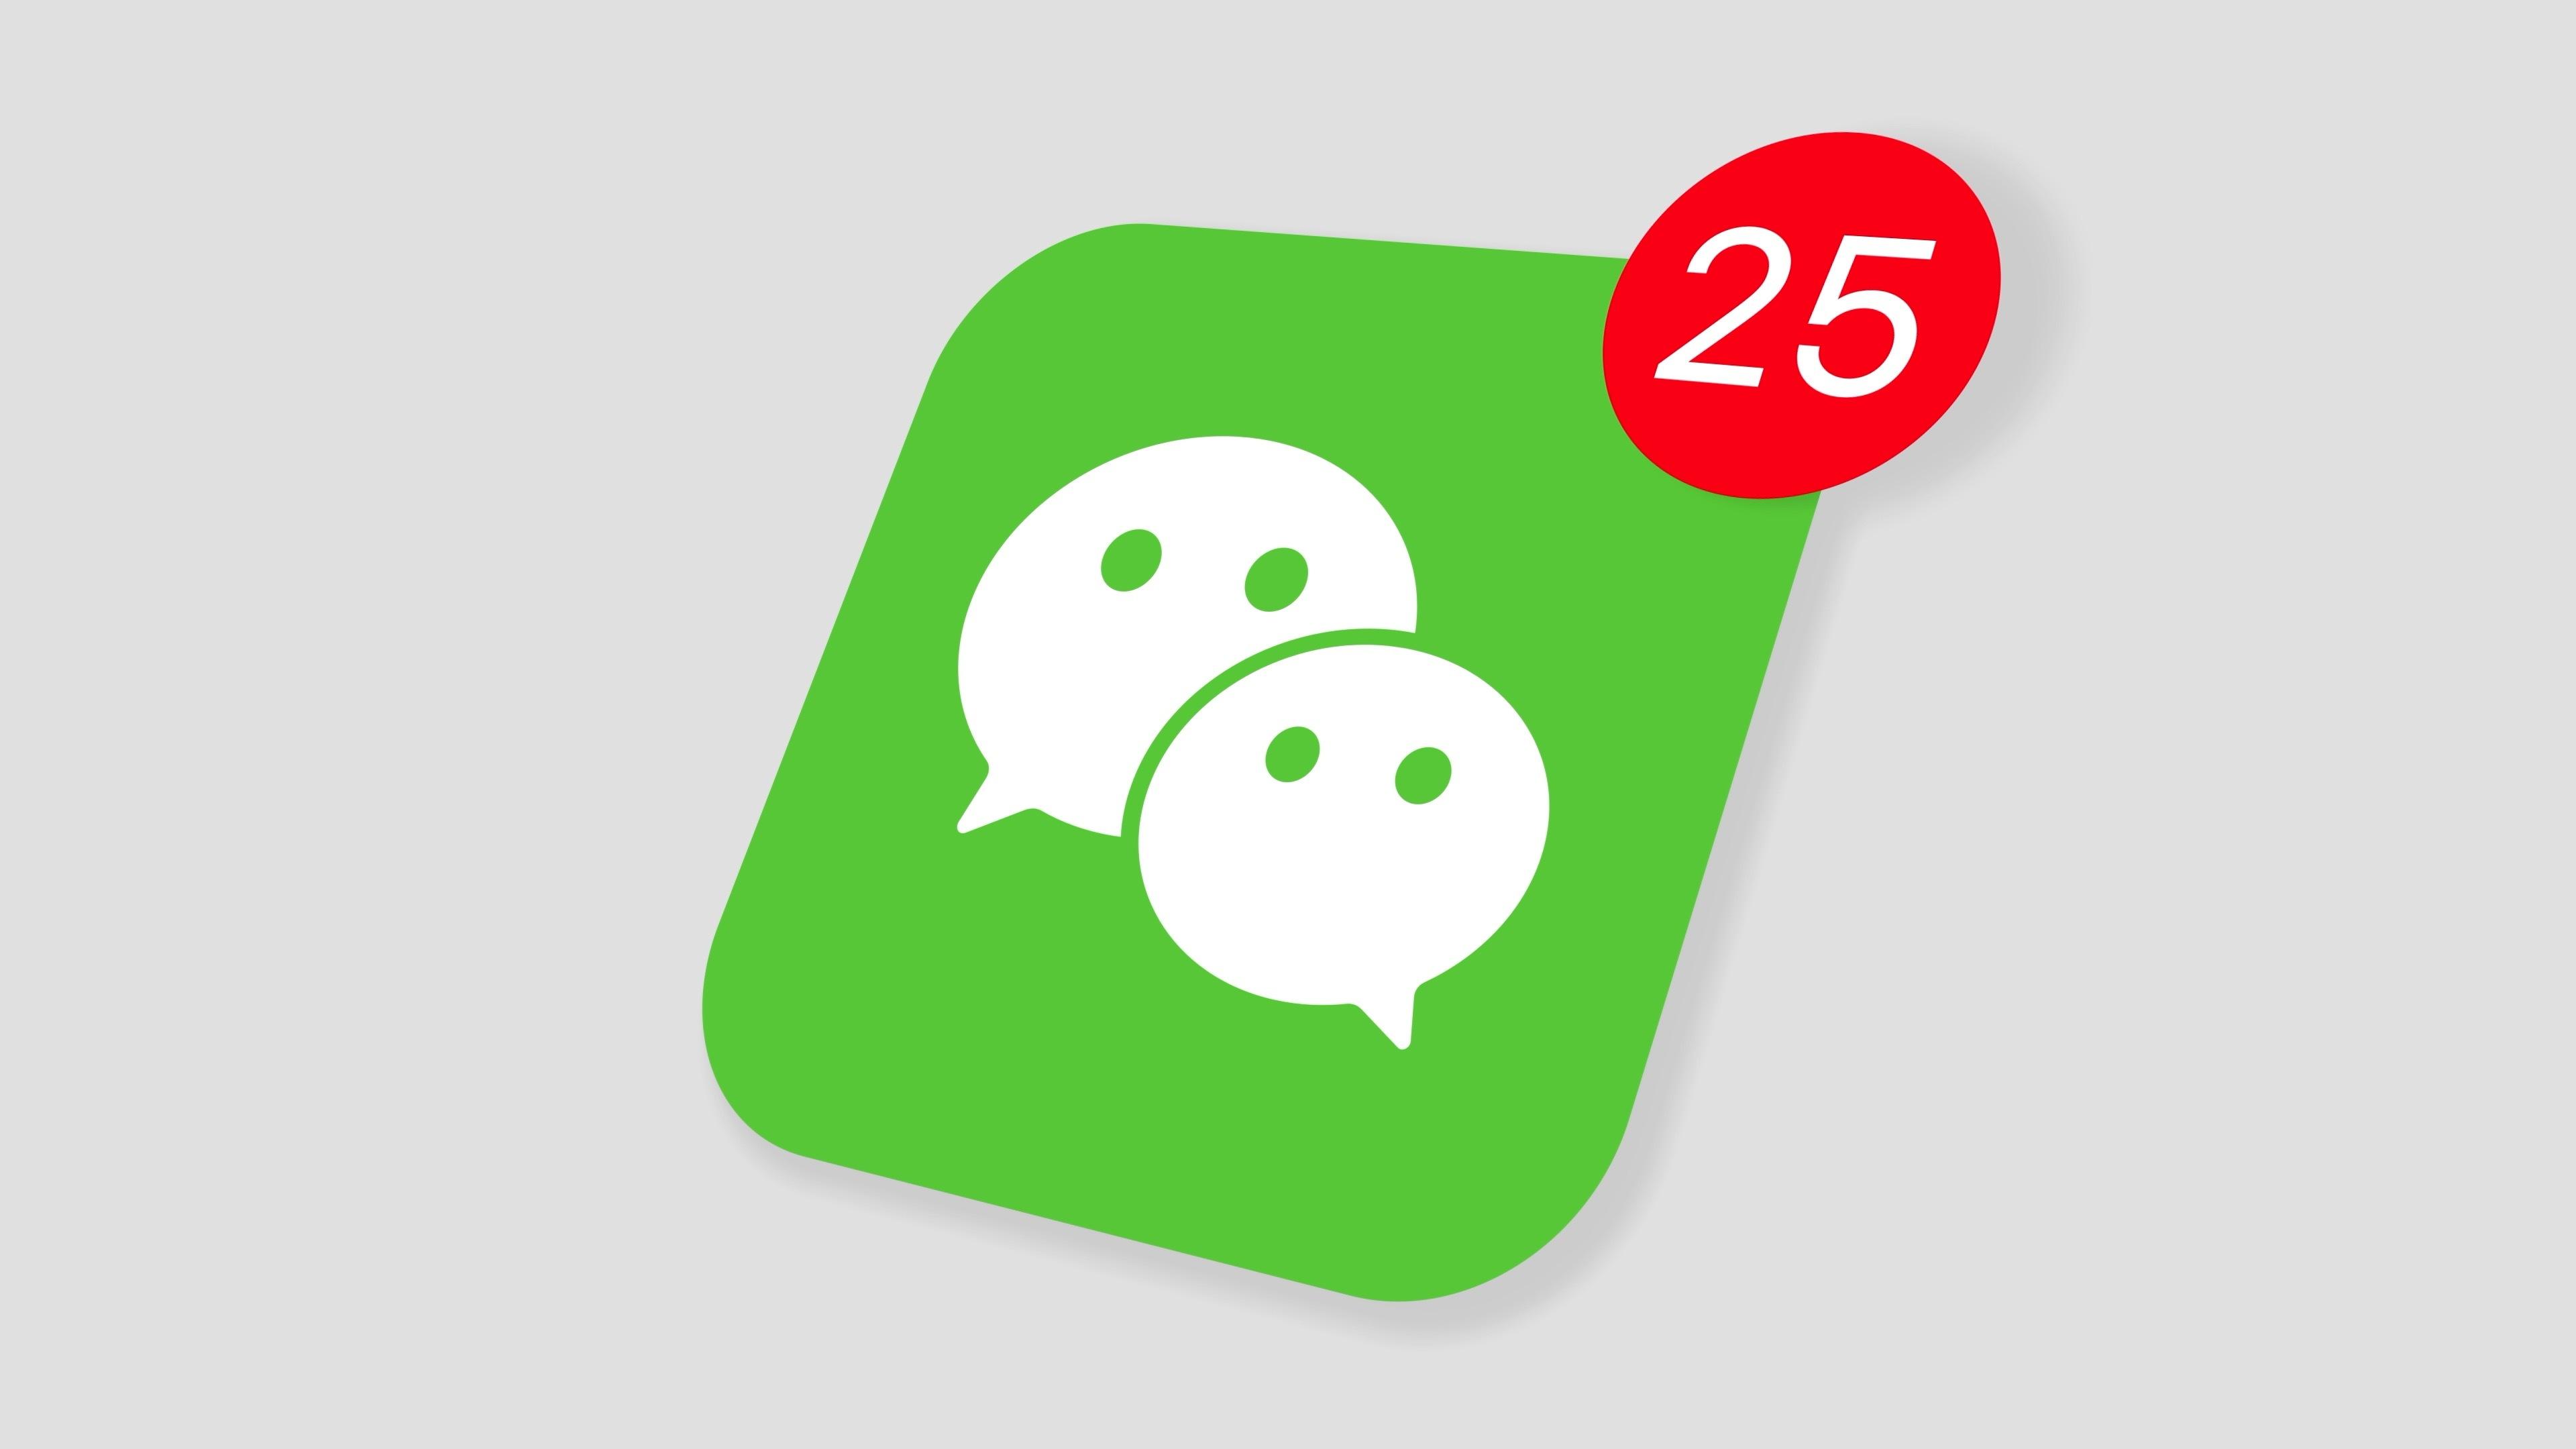 微信朋友圈为什么没有阅读数?